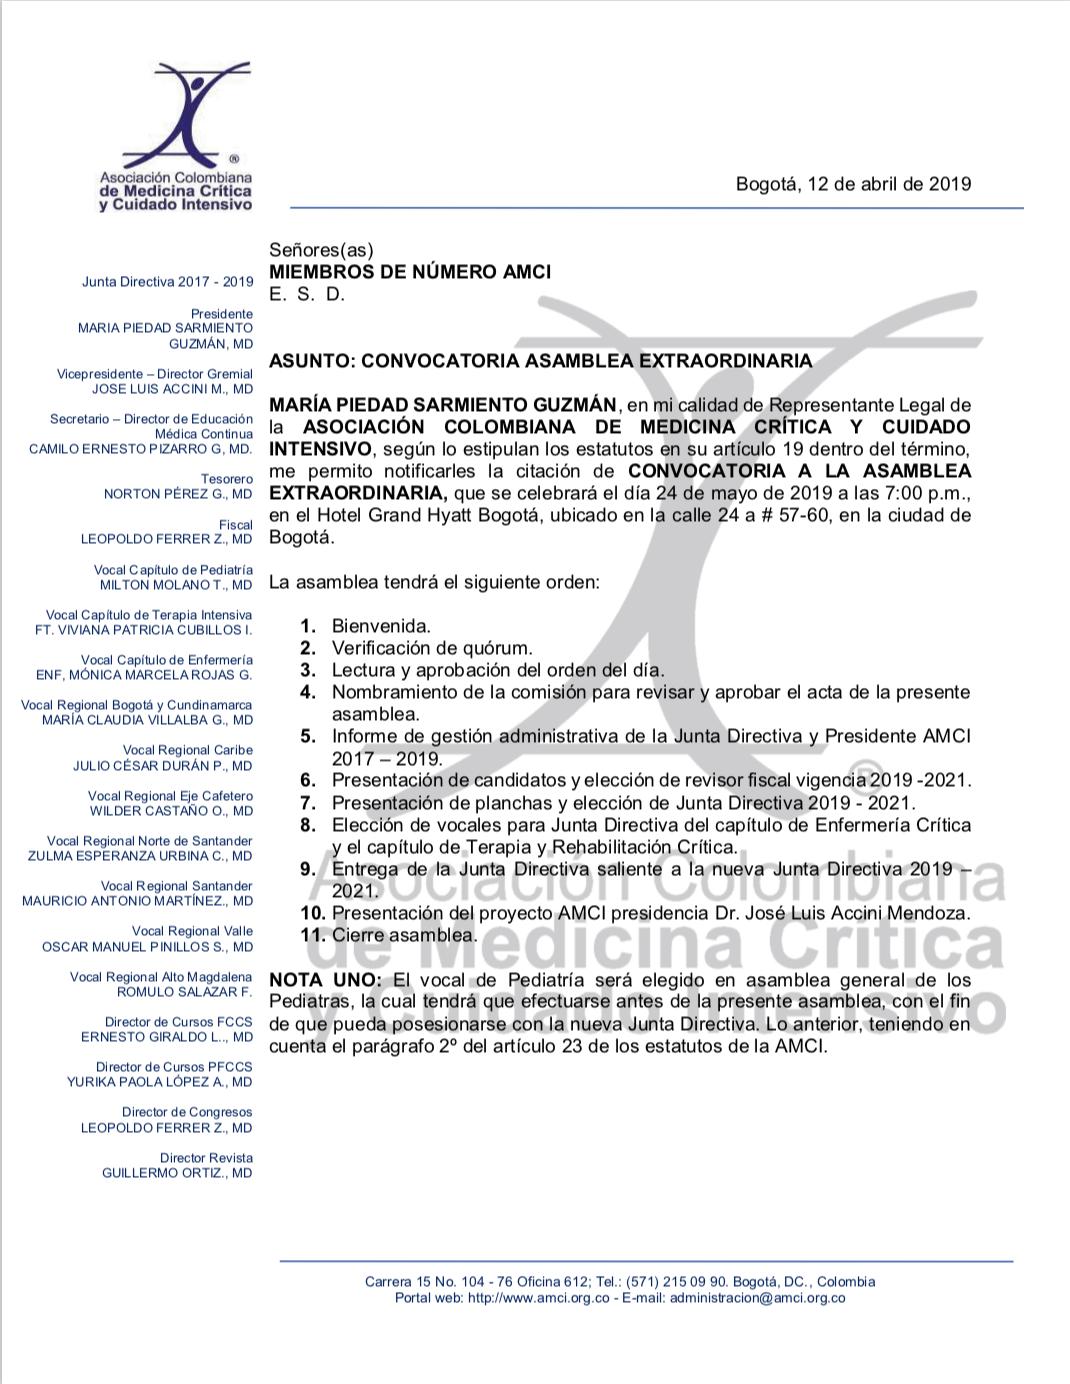 Convocatoria Asamblea extraordinaria AMCI 24 de mayo